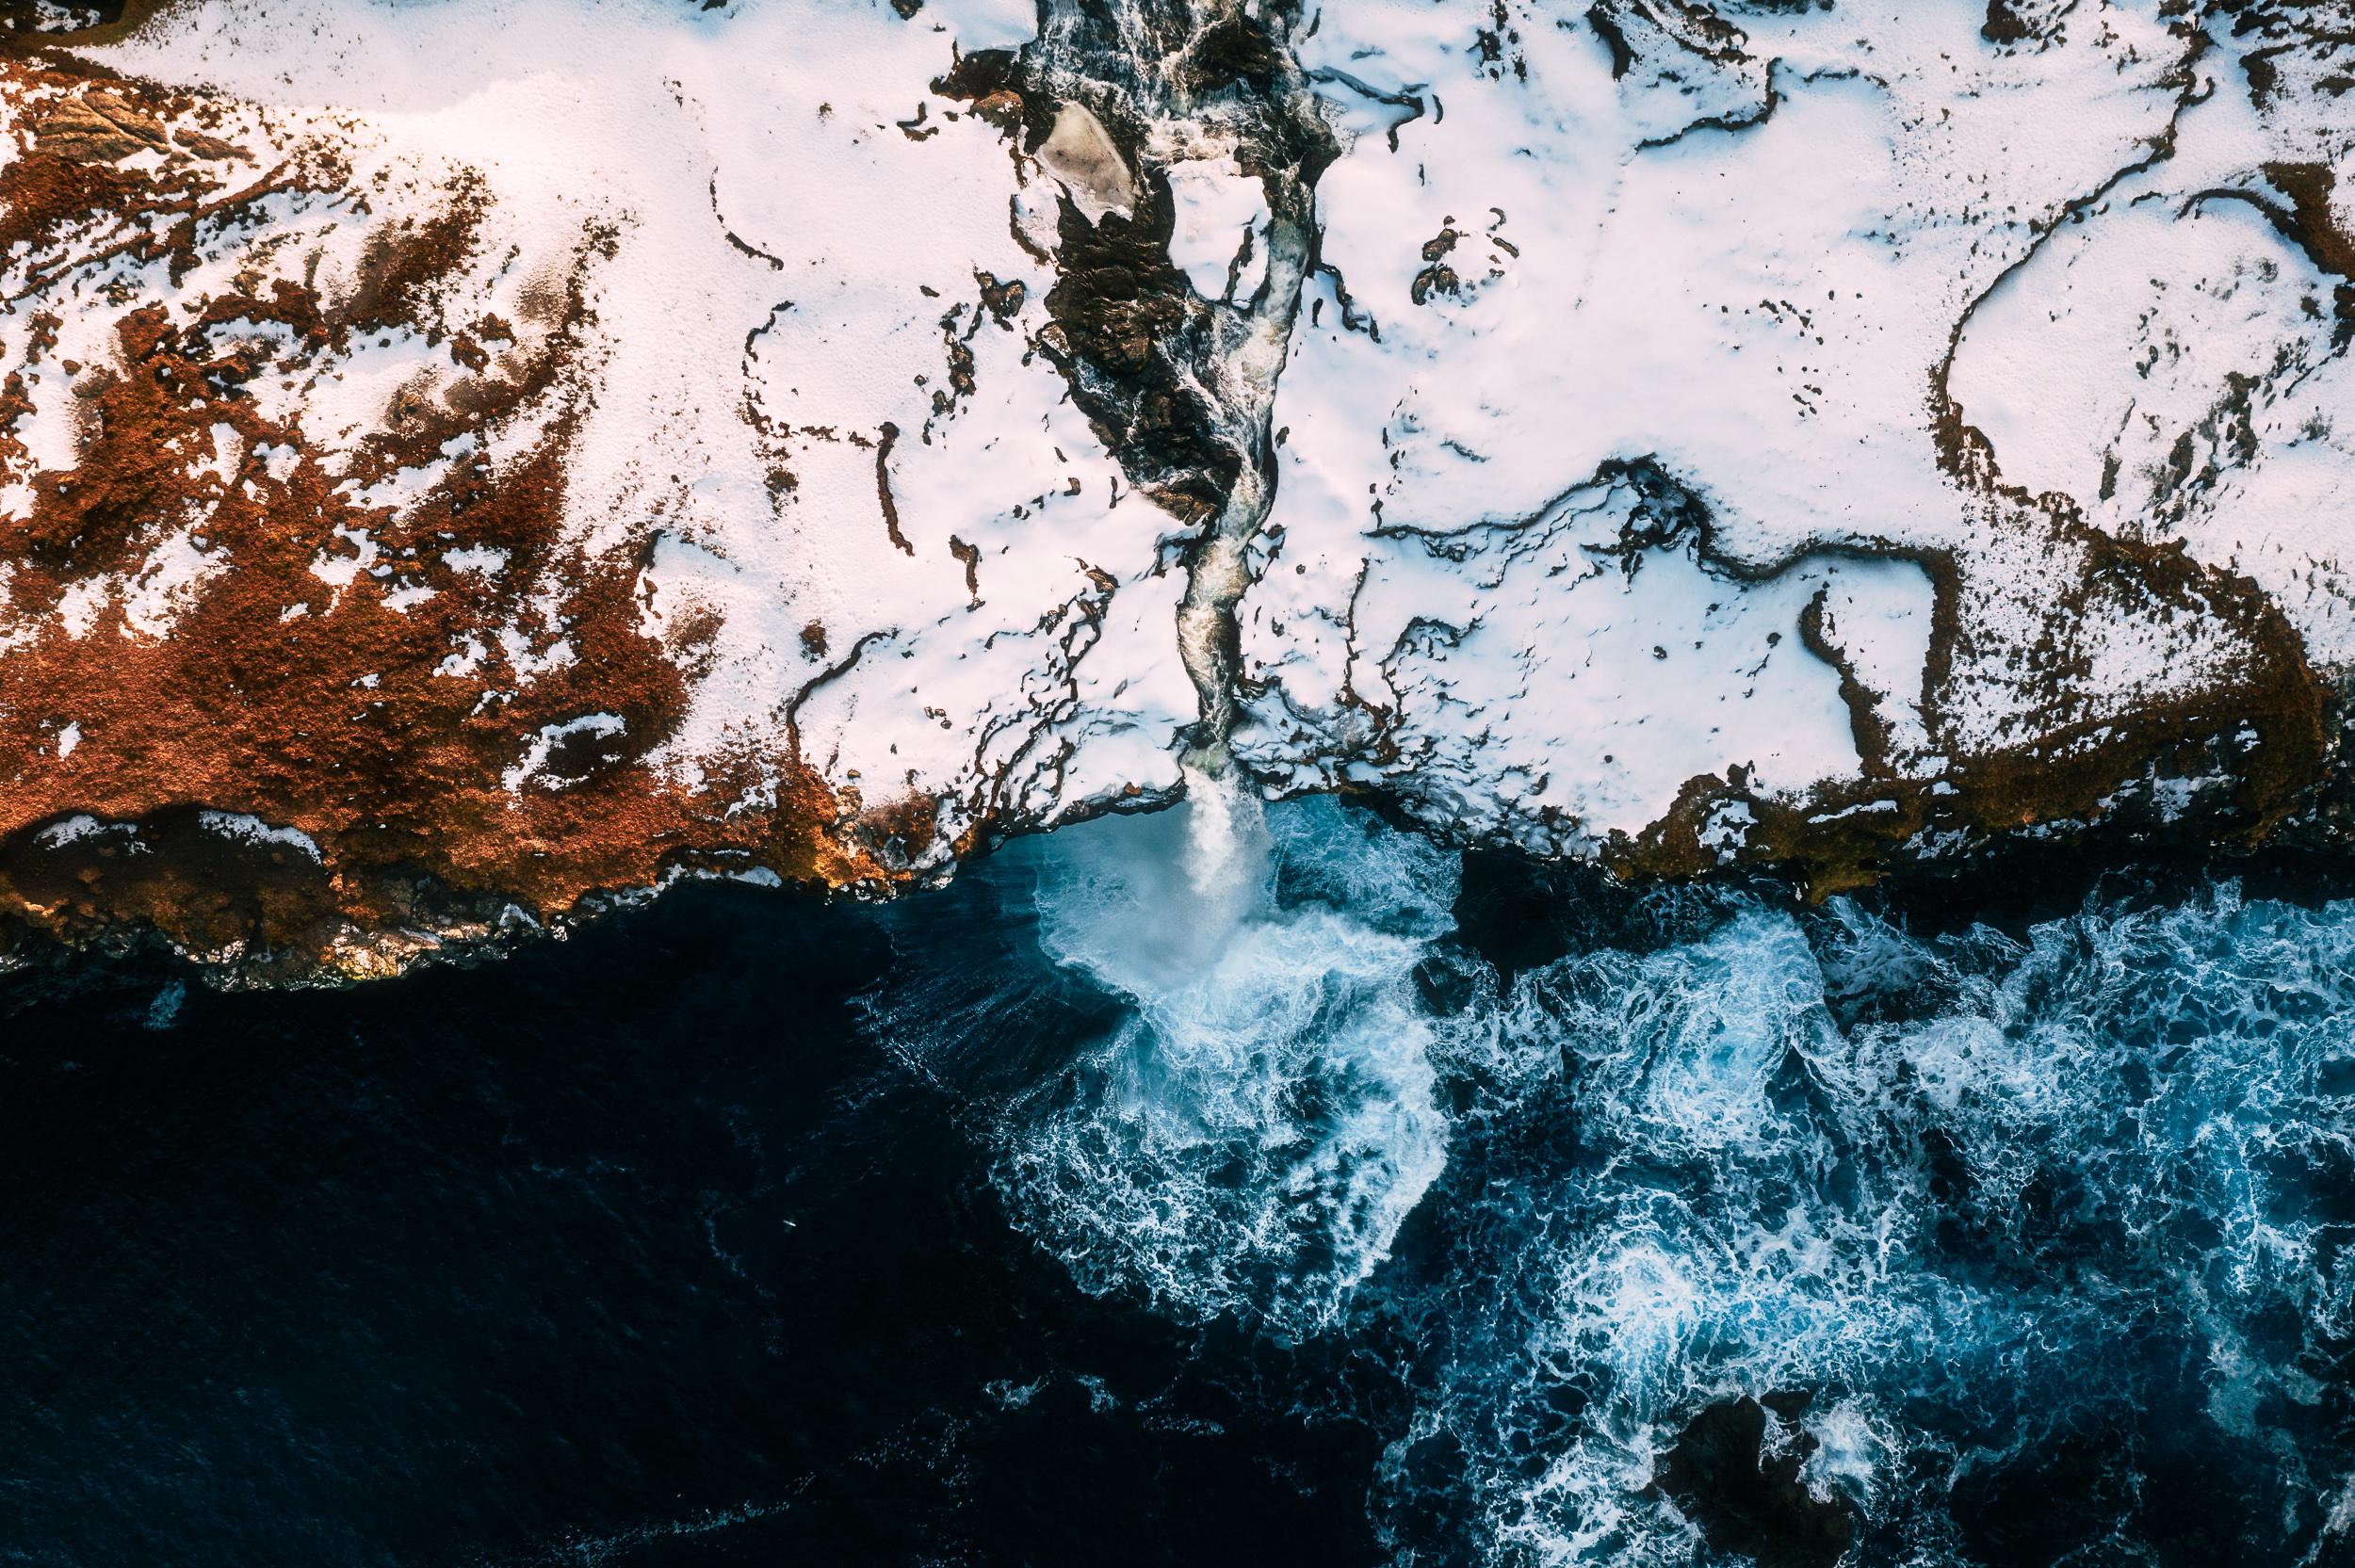 2019.02.06_Faroe_Coast_Eysturoy_Hike_Mavic-0238-Edit.jpg